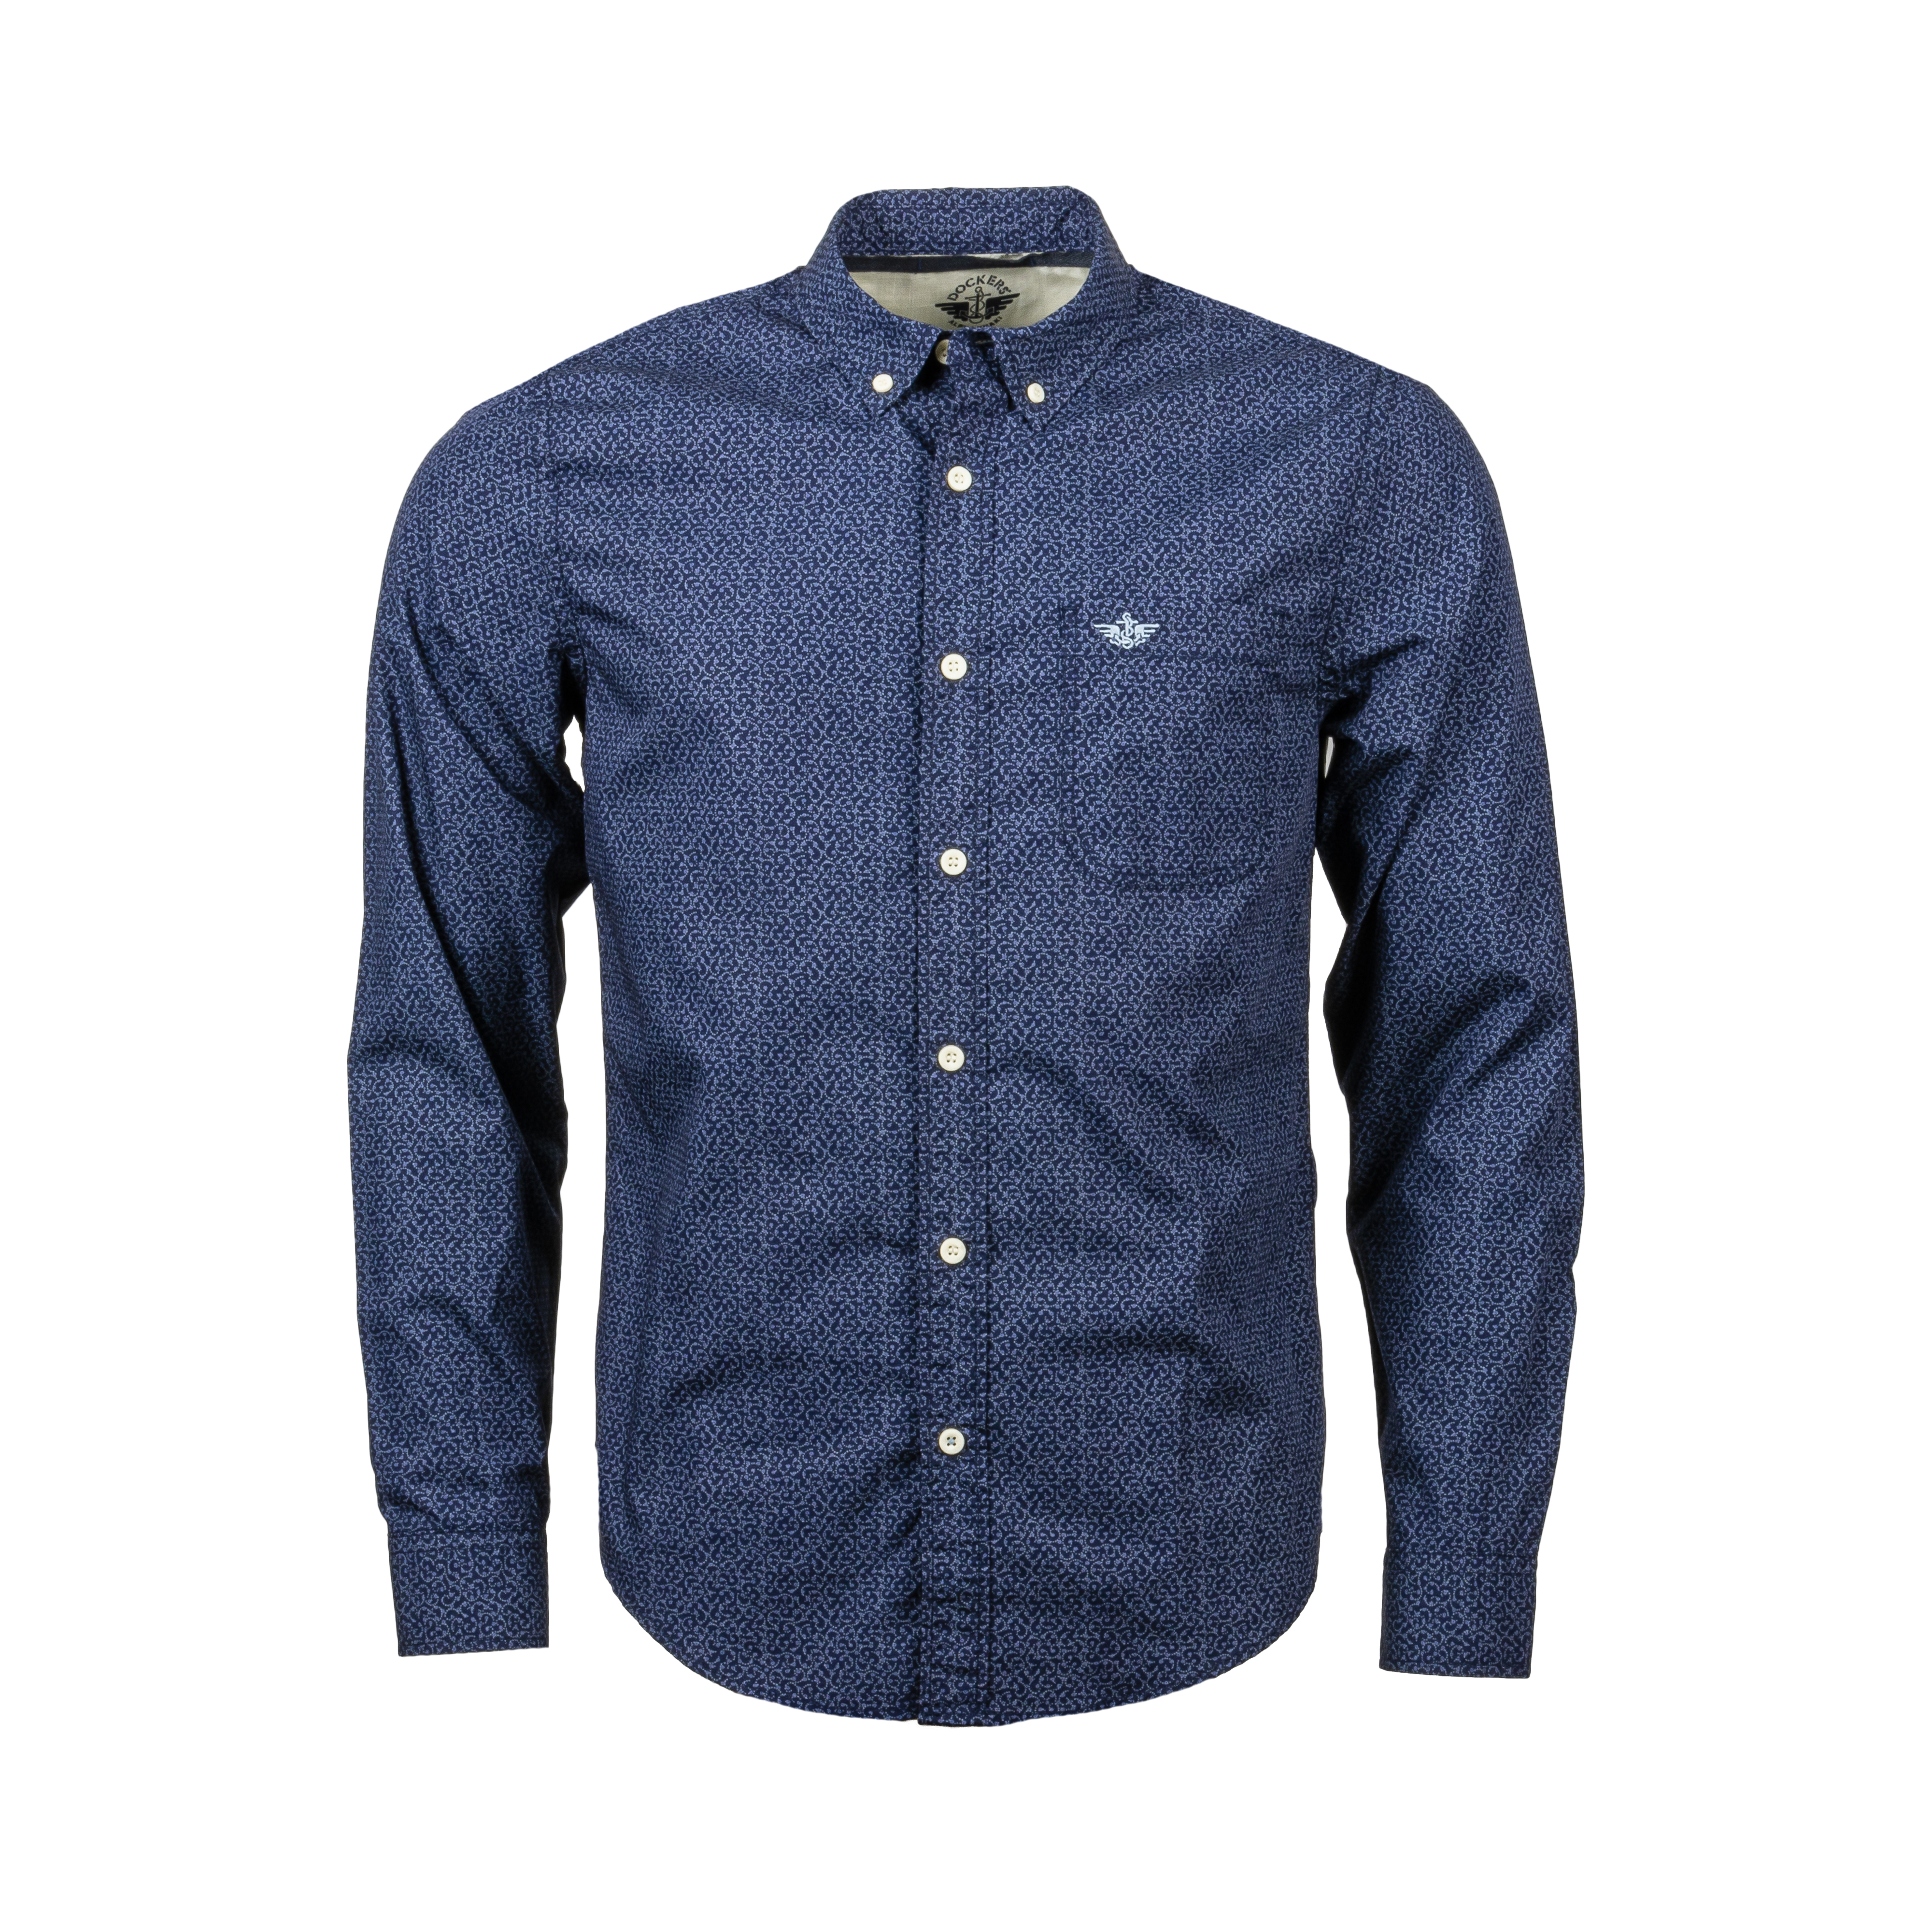 Chemise ajustée  alpha icon en coton bleu marine à motifs bleus